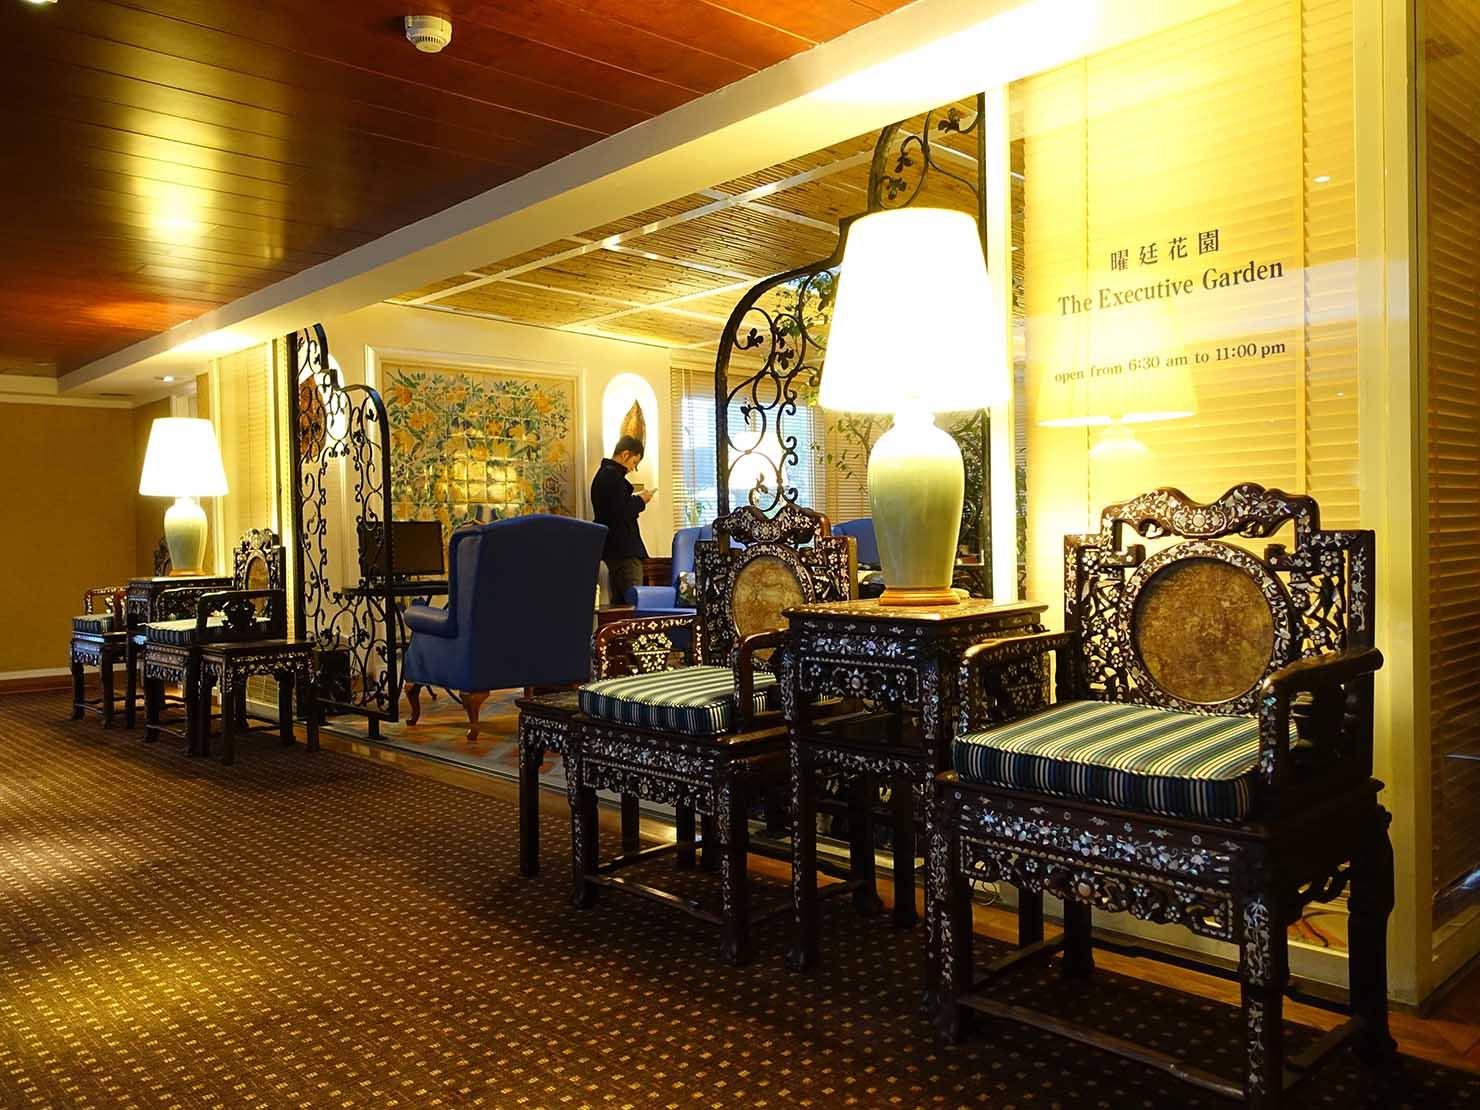 台北のおすすめ4つ星ホテル「歐華酒店(リビエラホテル)」7階・曜廷花園(エグゼクティブガーデン)のエントランス